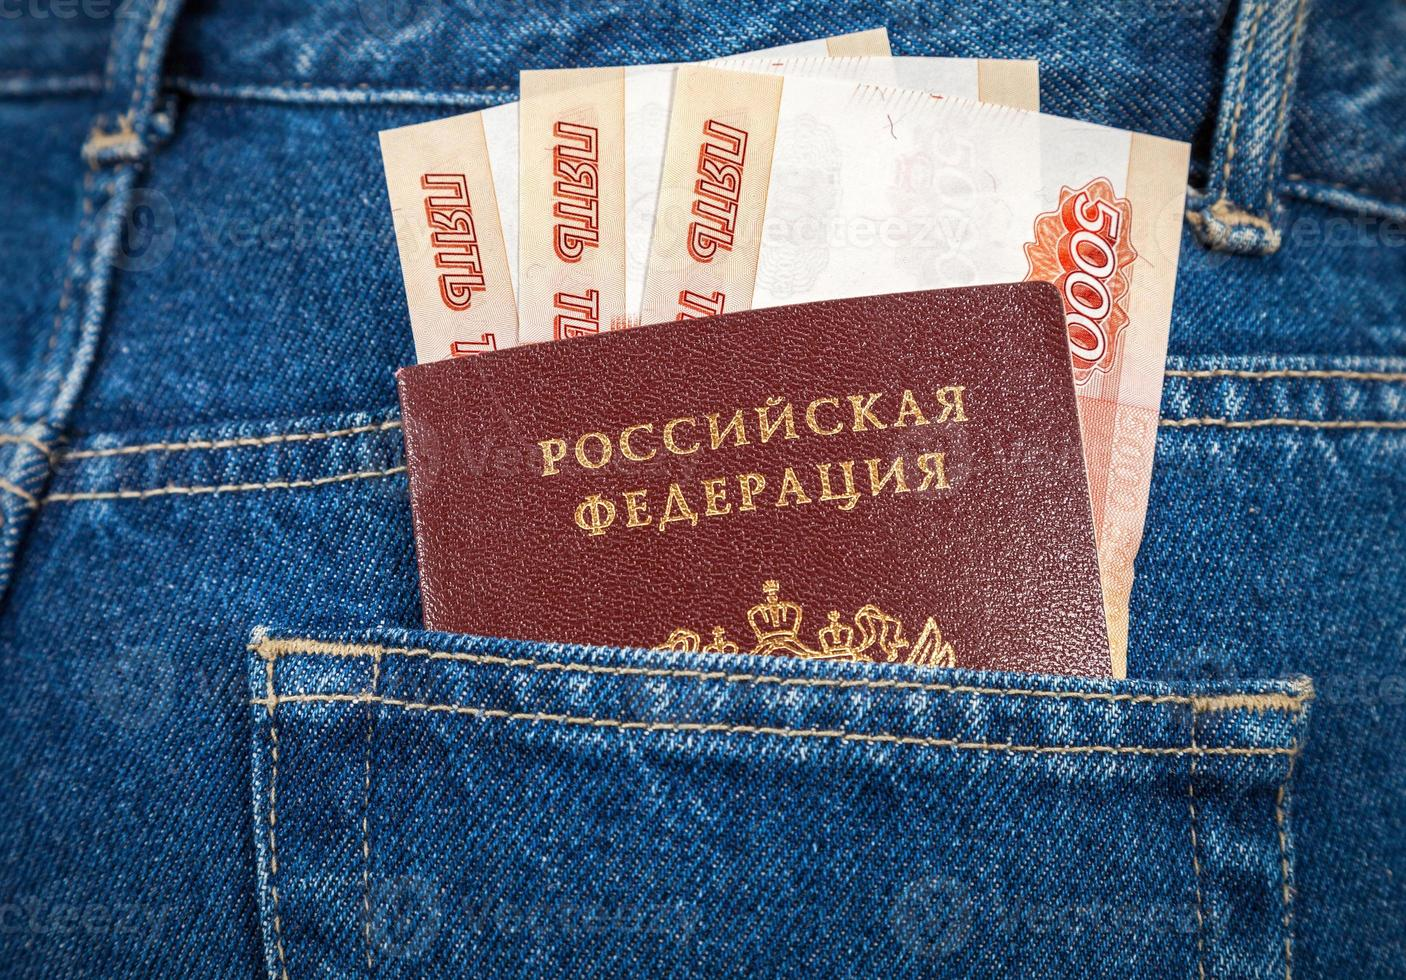 notas de rublo russo e passaporte no bolso de trás da calça jeans foto